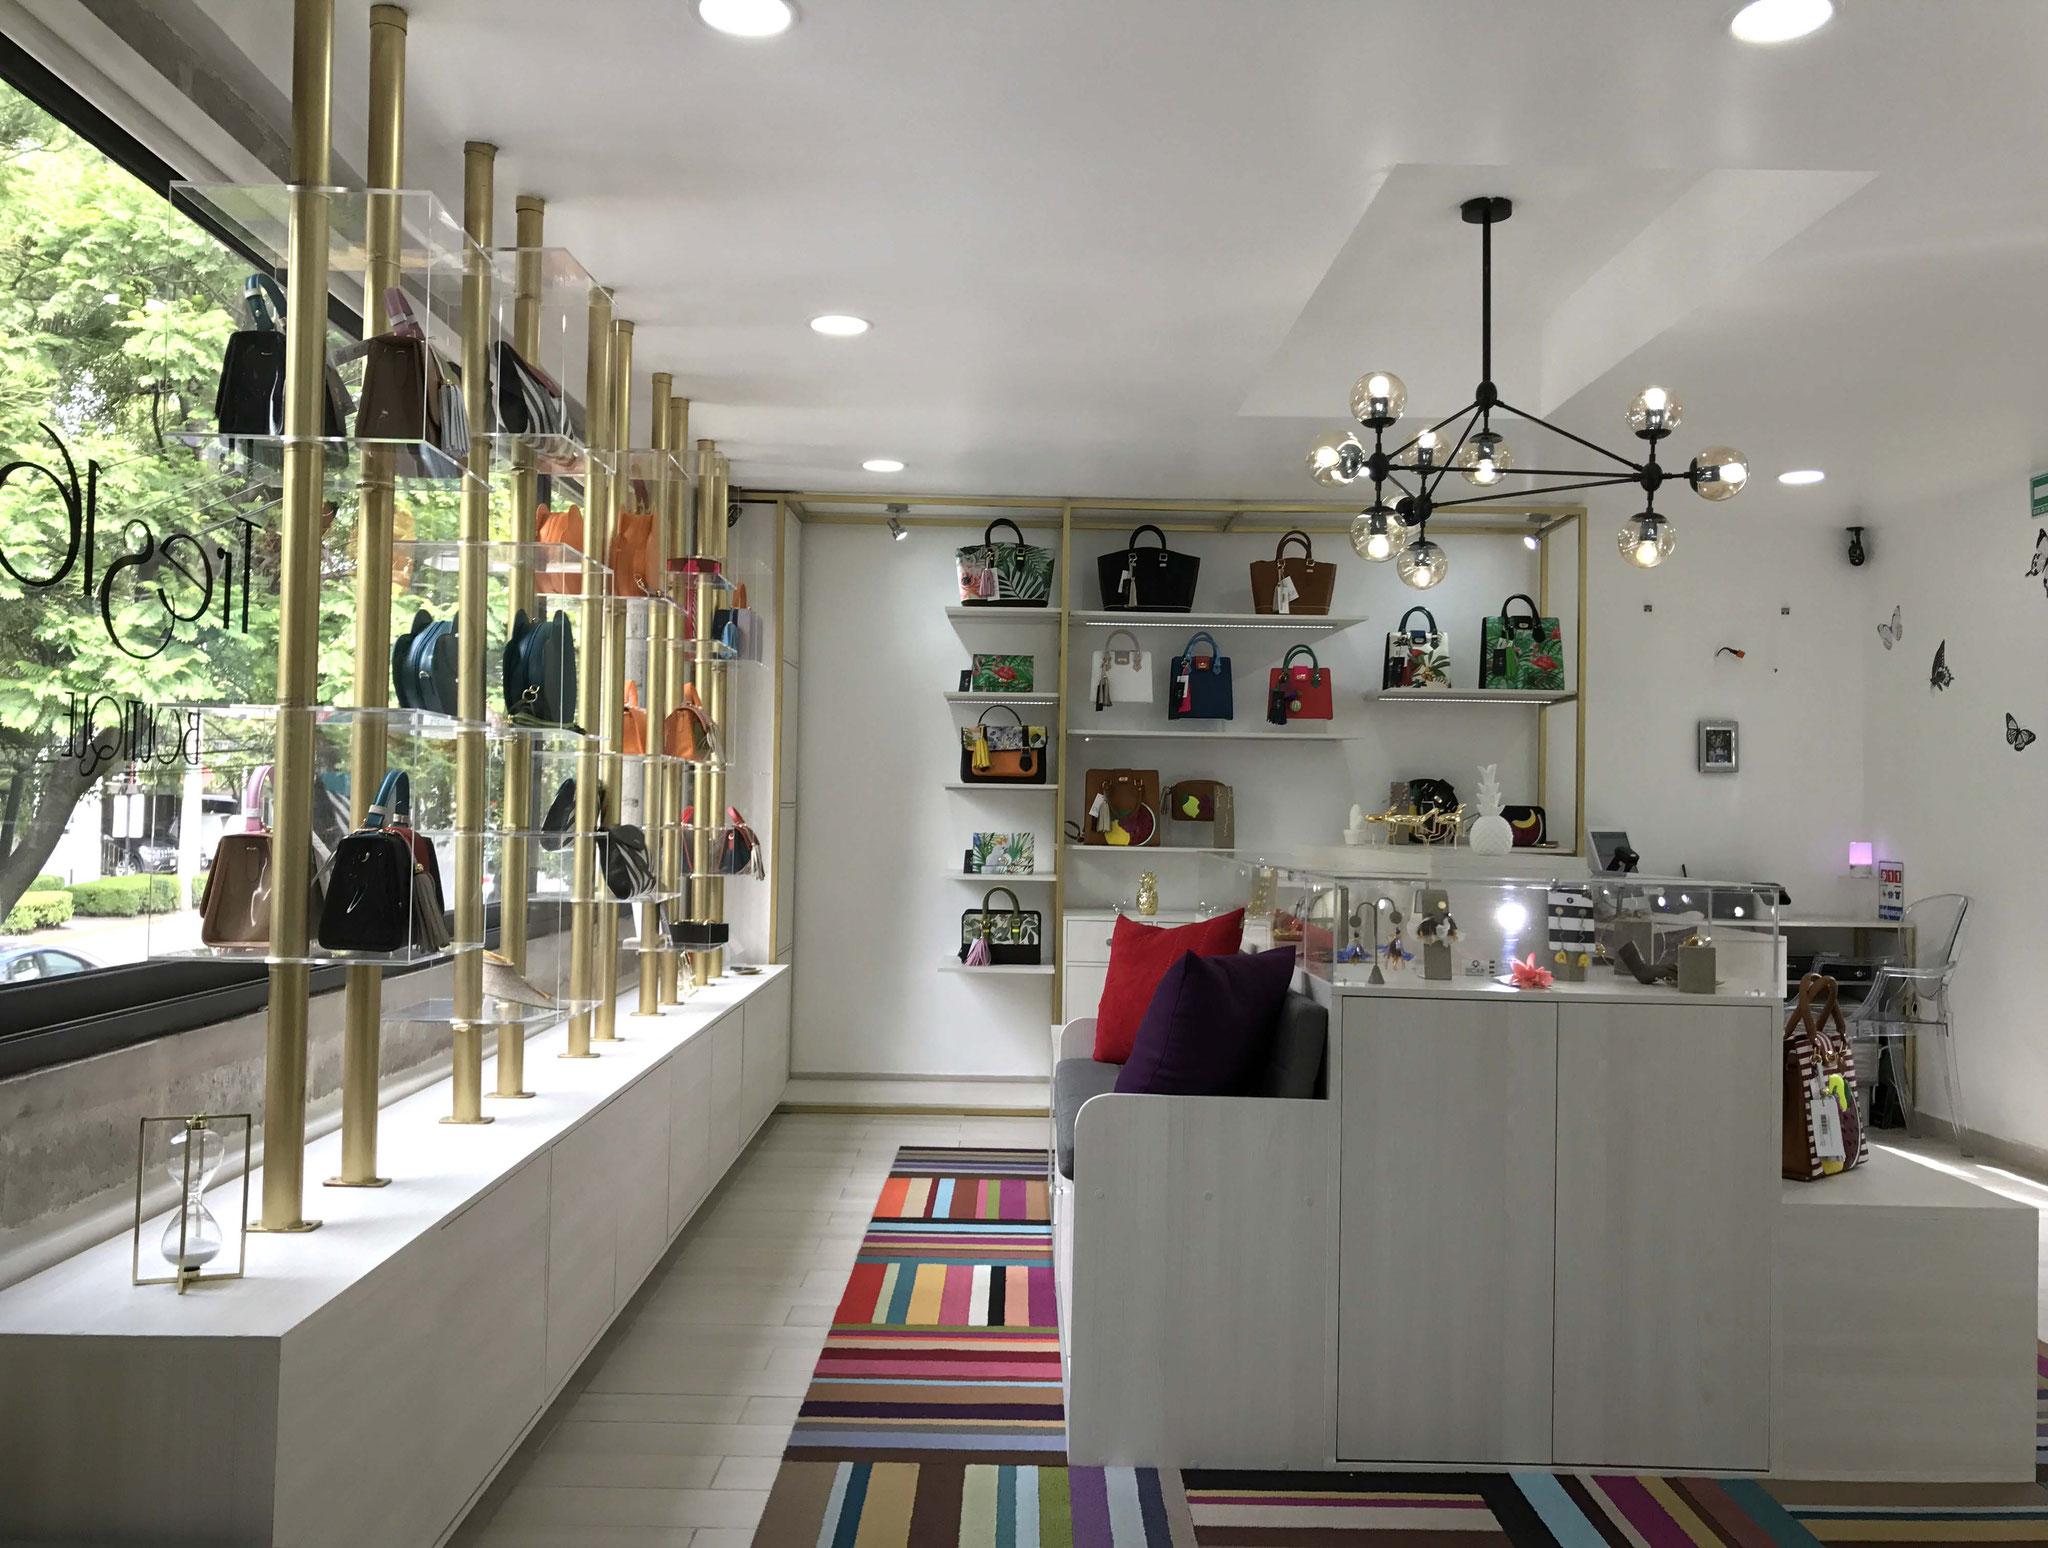 Con el acomodo adecuado en un local comercial se pueden exhibir diversos productos sin saturar el lugar.